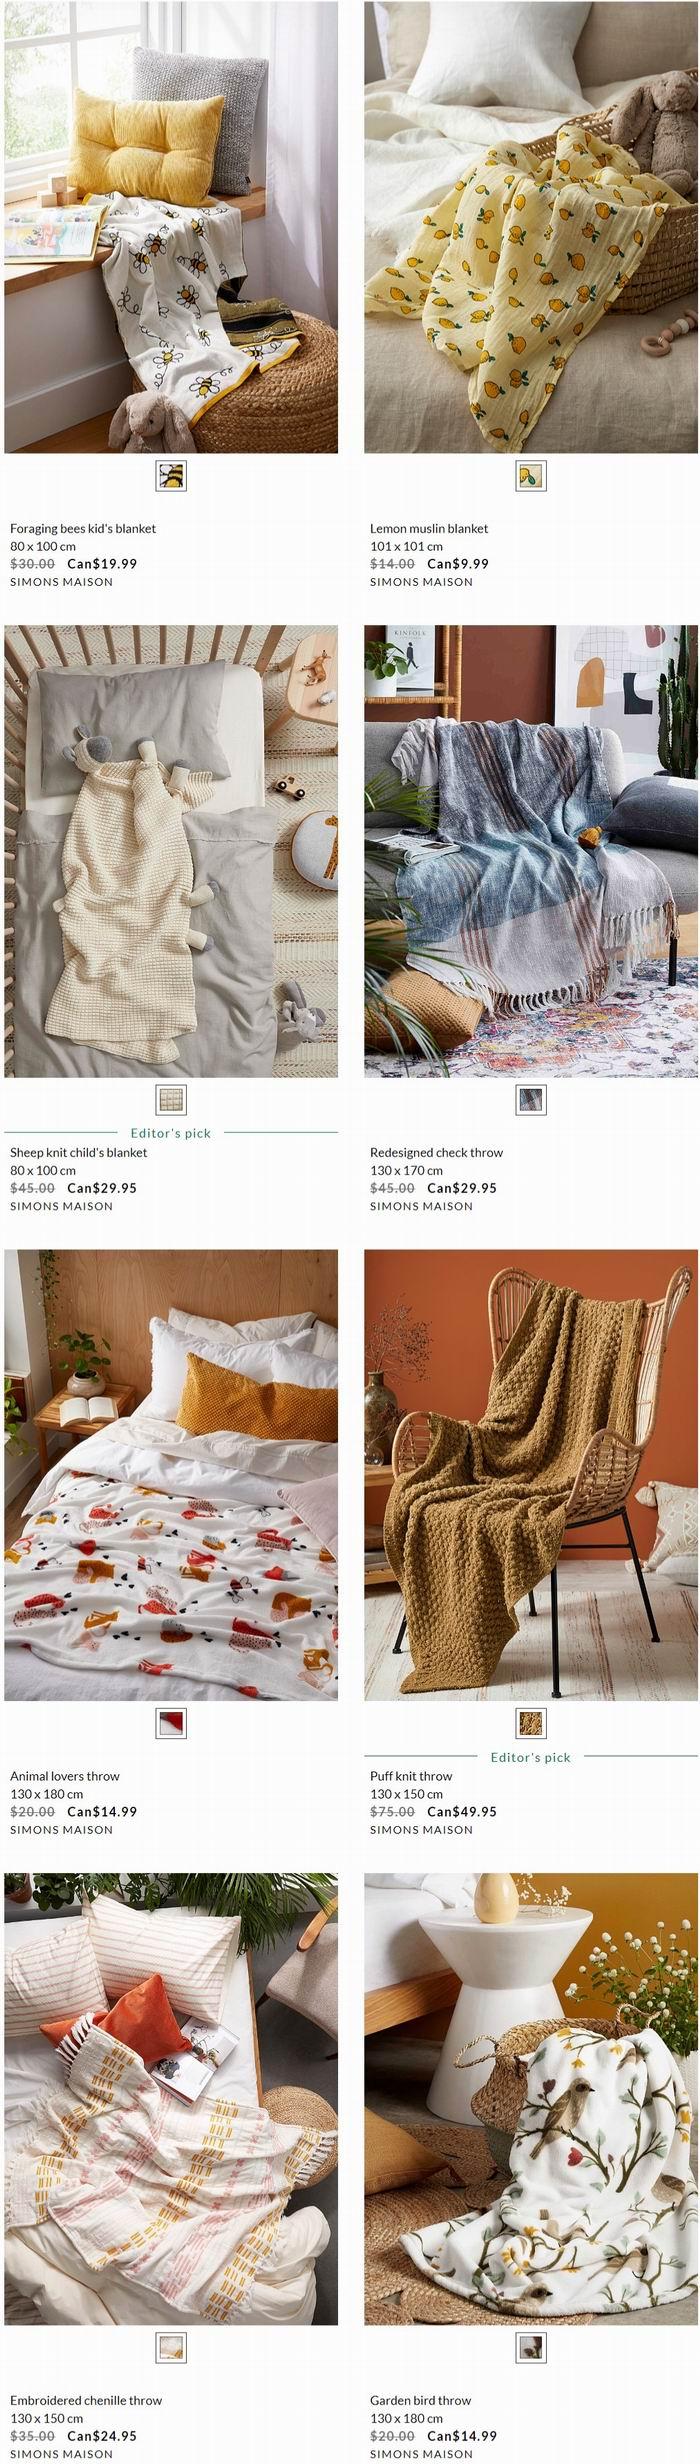 Simons精选床上用品、枕头、抱枕、毛毯 6.7折 9.99加元起